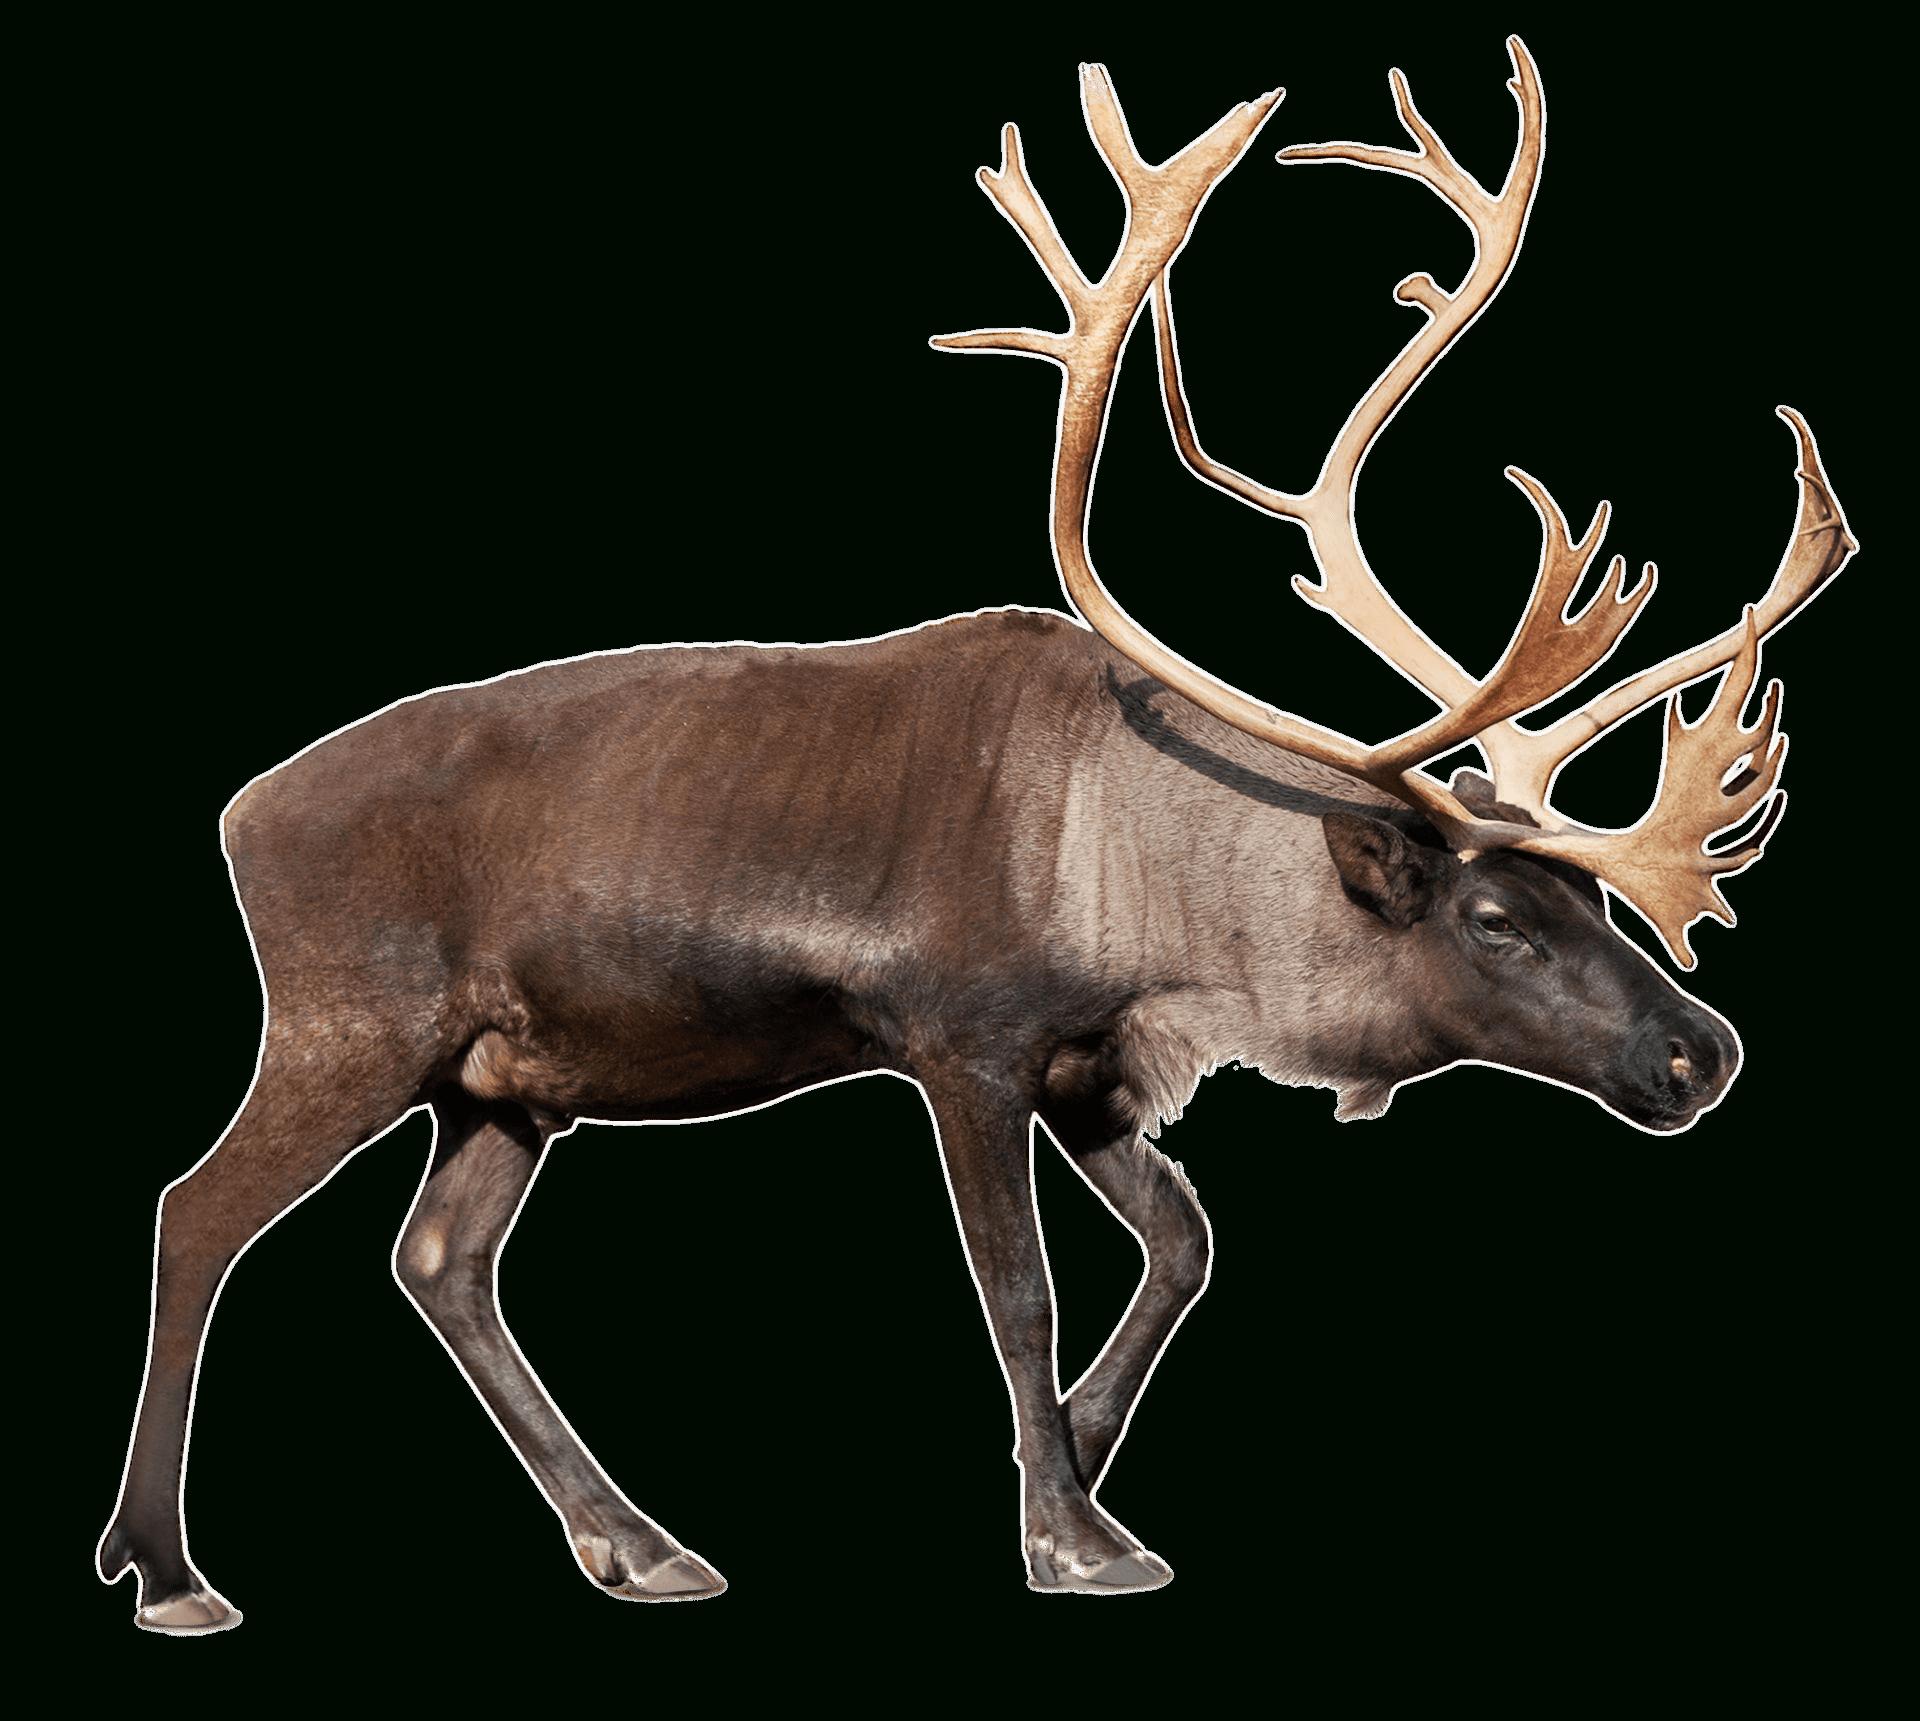 Grand Renne (Caribou) Png Transparents - Stickpng encequiconcerne Caribou Dessin